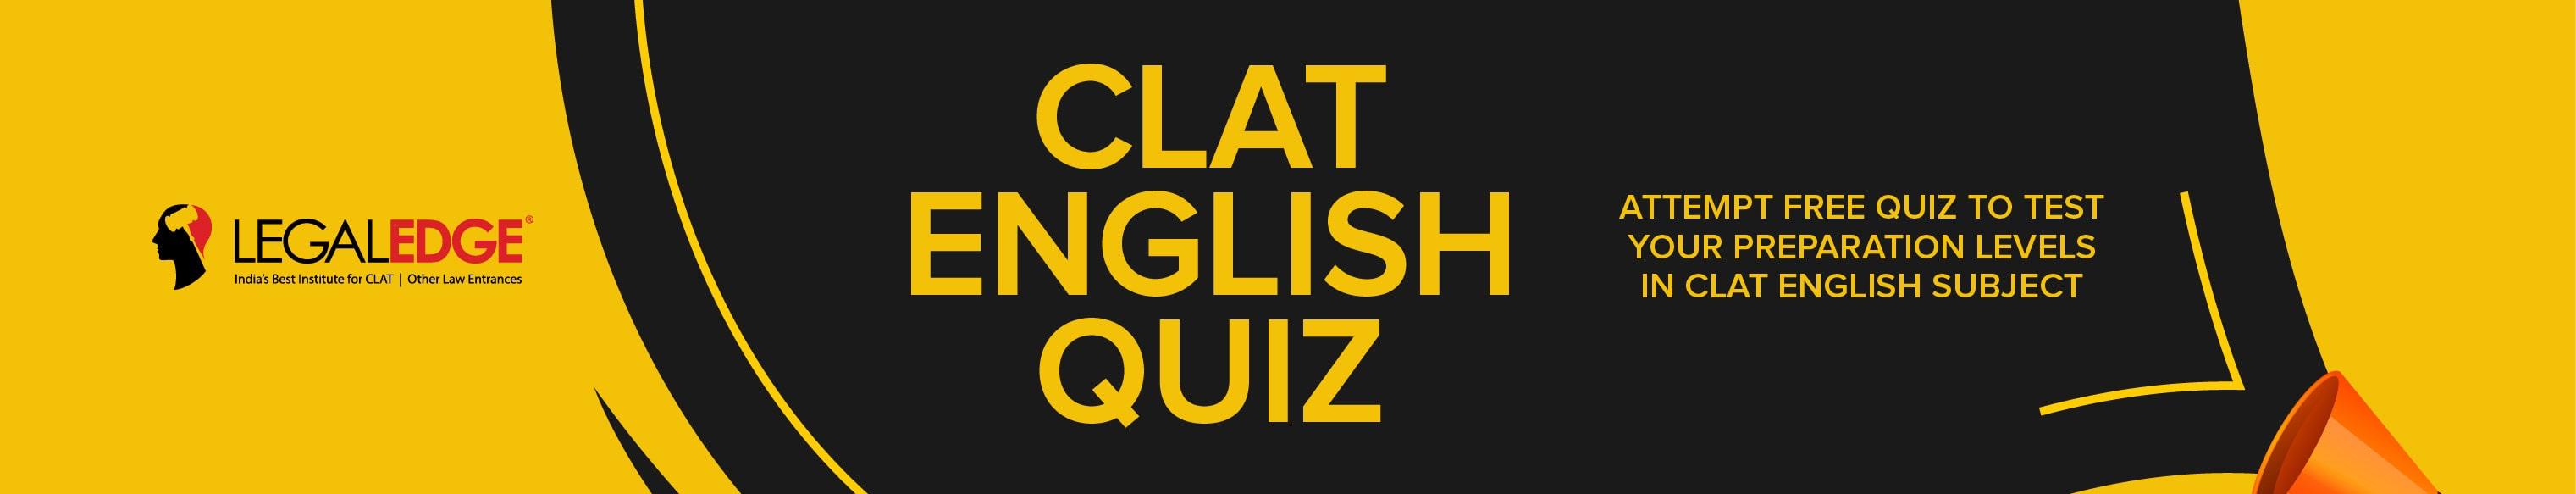 clat English Quiz